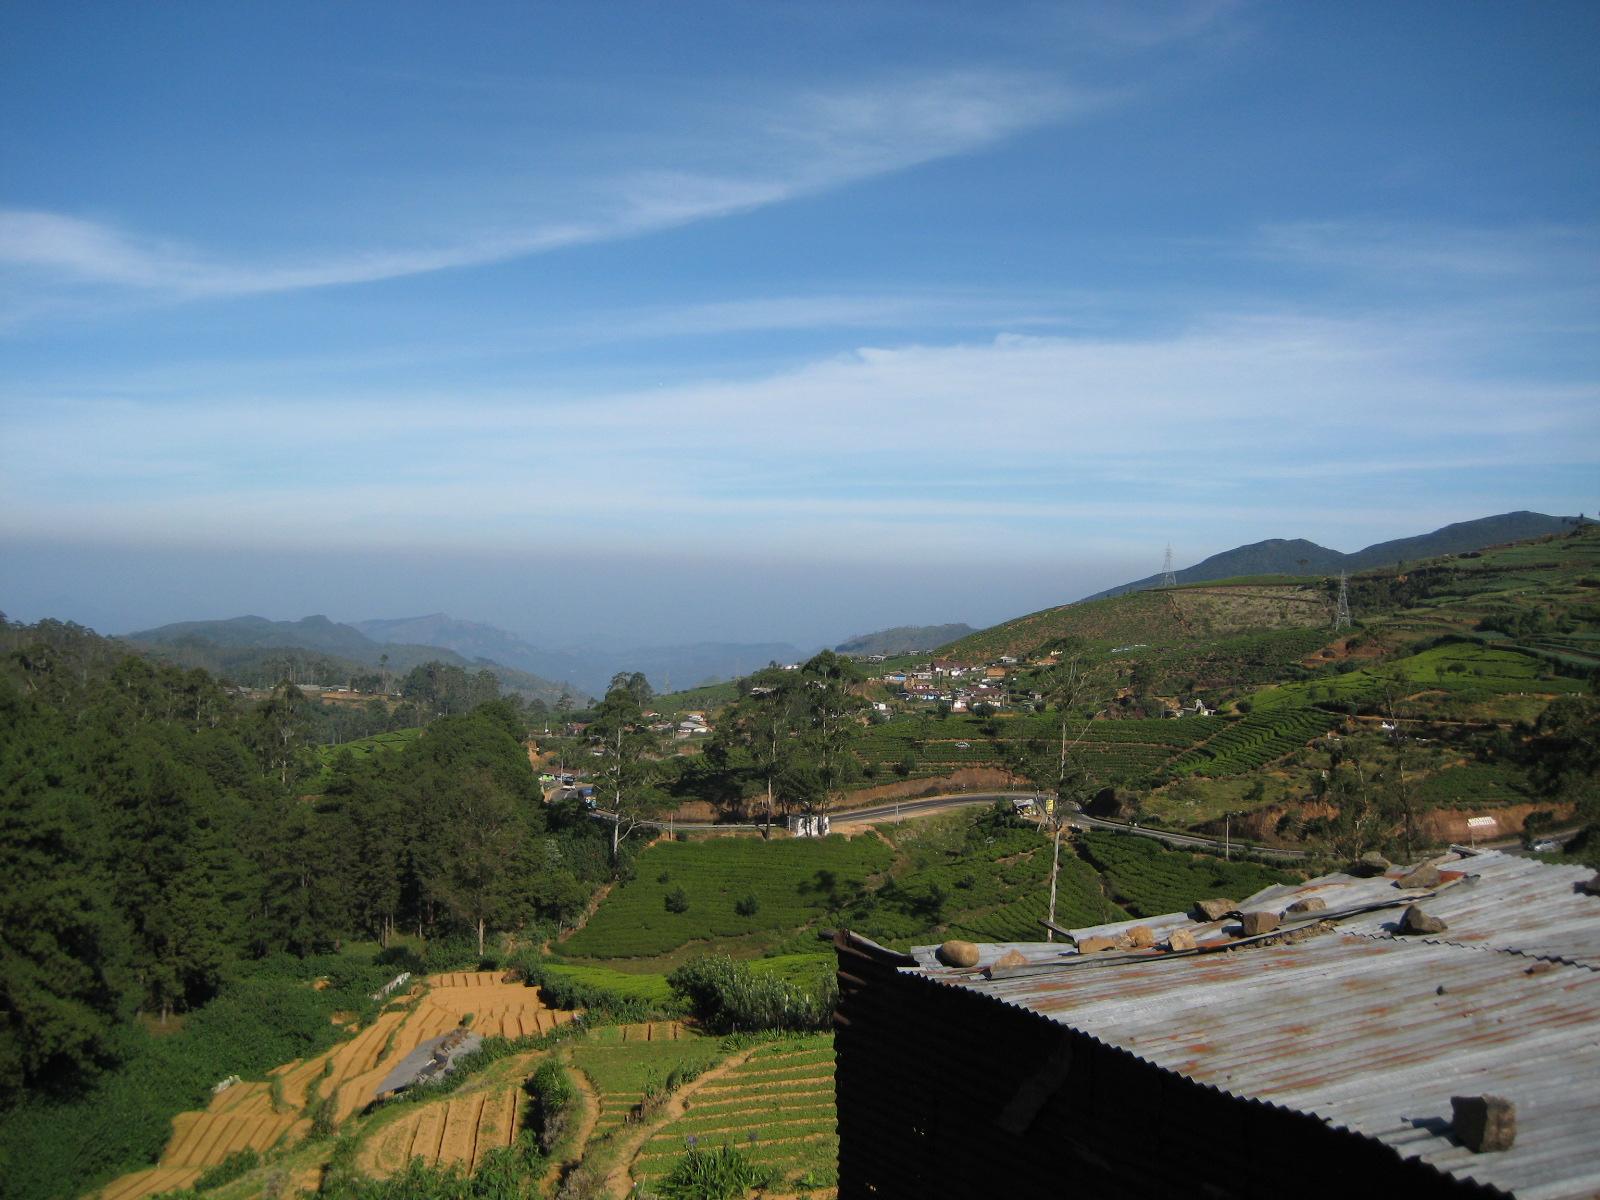 Hügellandschaft im srilankischen Hochland